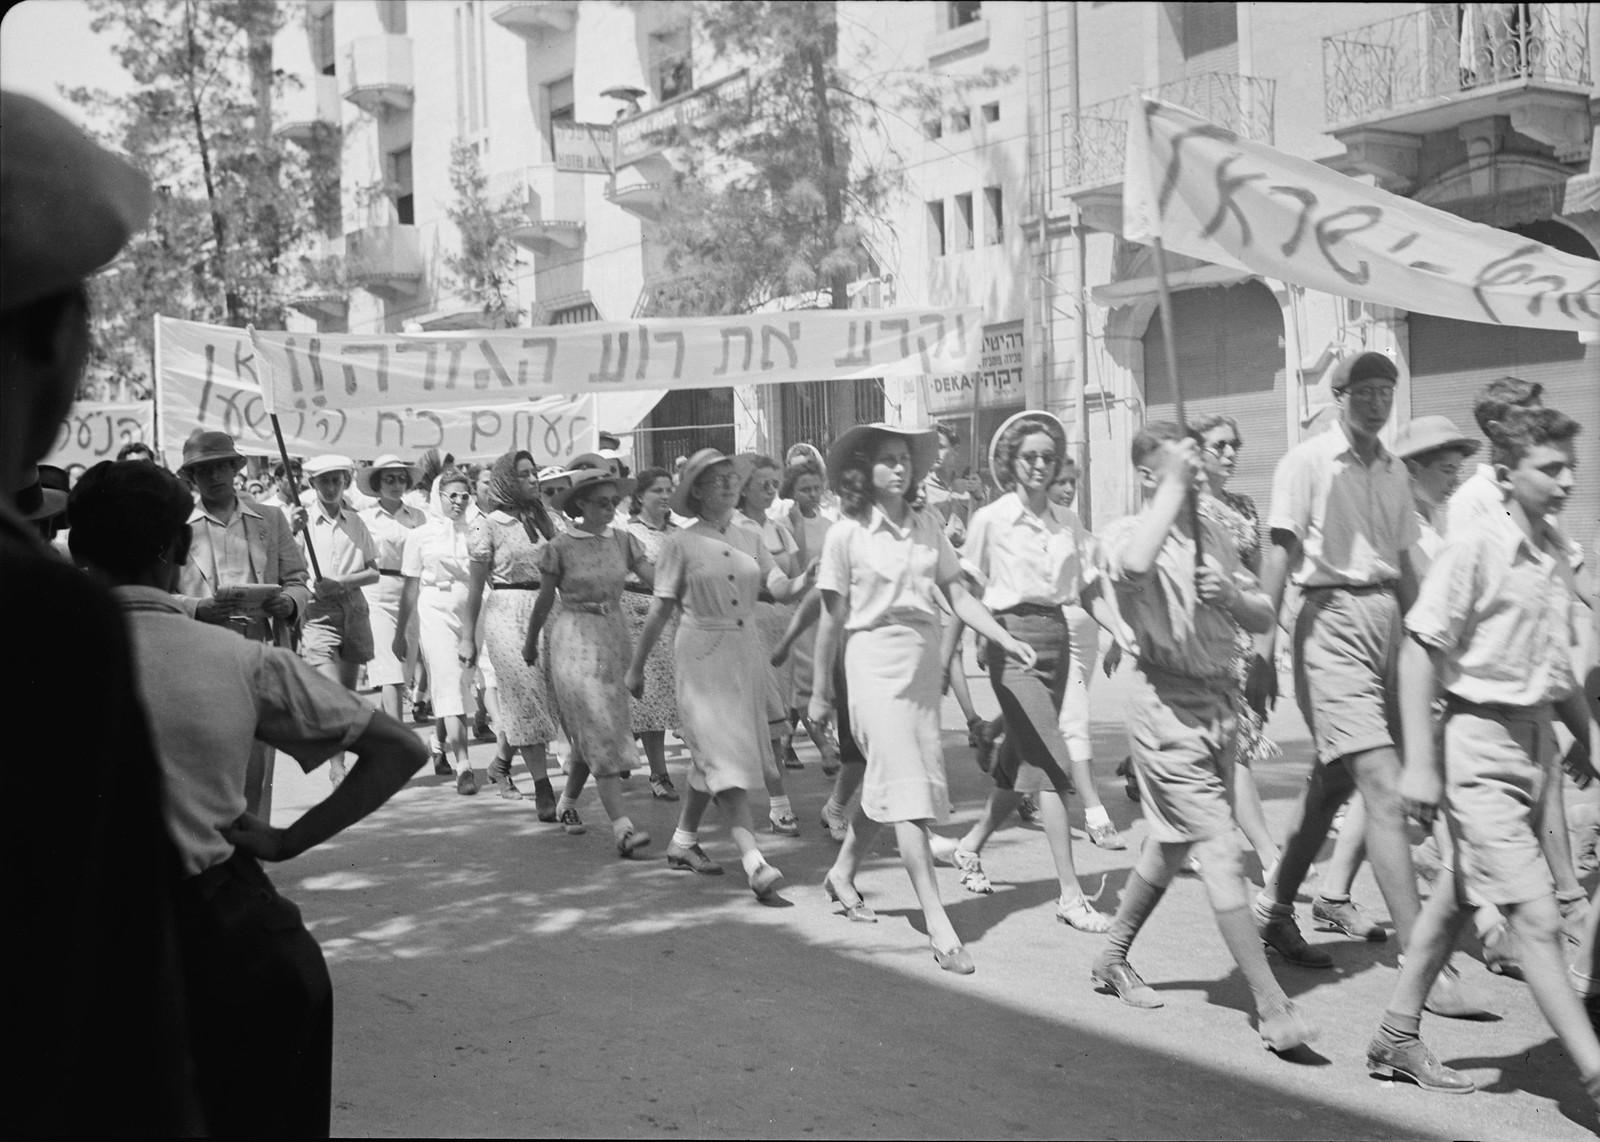 04. Юноши и девушки во время демонстрации на улице Кинг Джордж рга